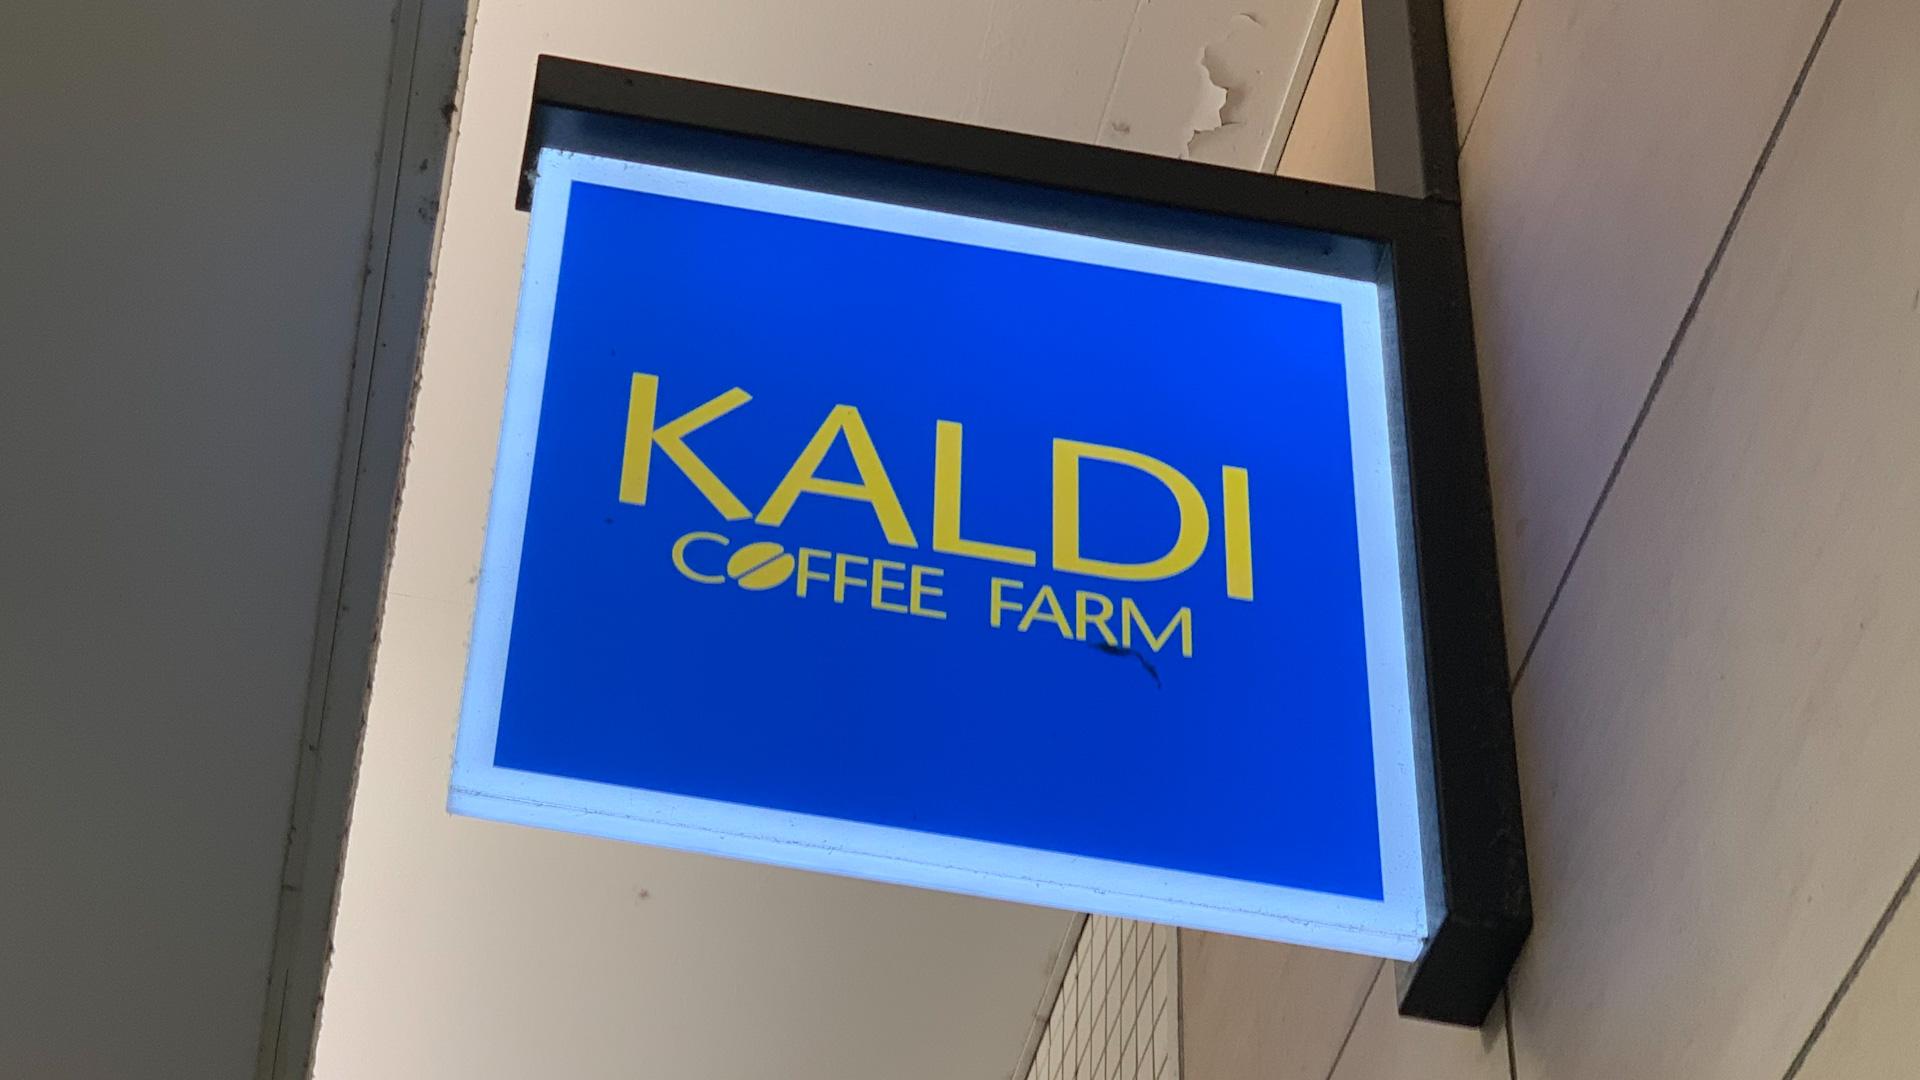 カルディオリジナルのコーヒーミルが使いやすい!評判や使い方をご紹介